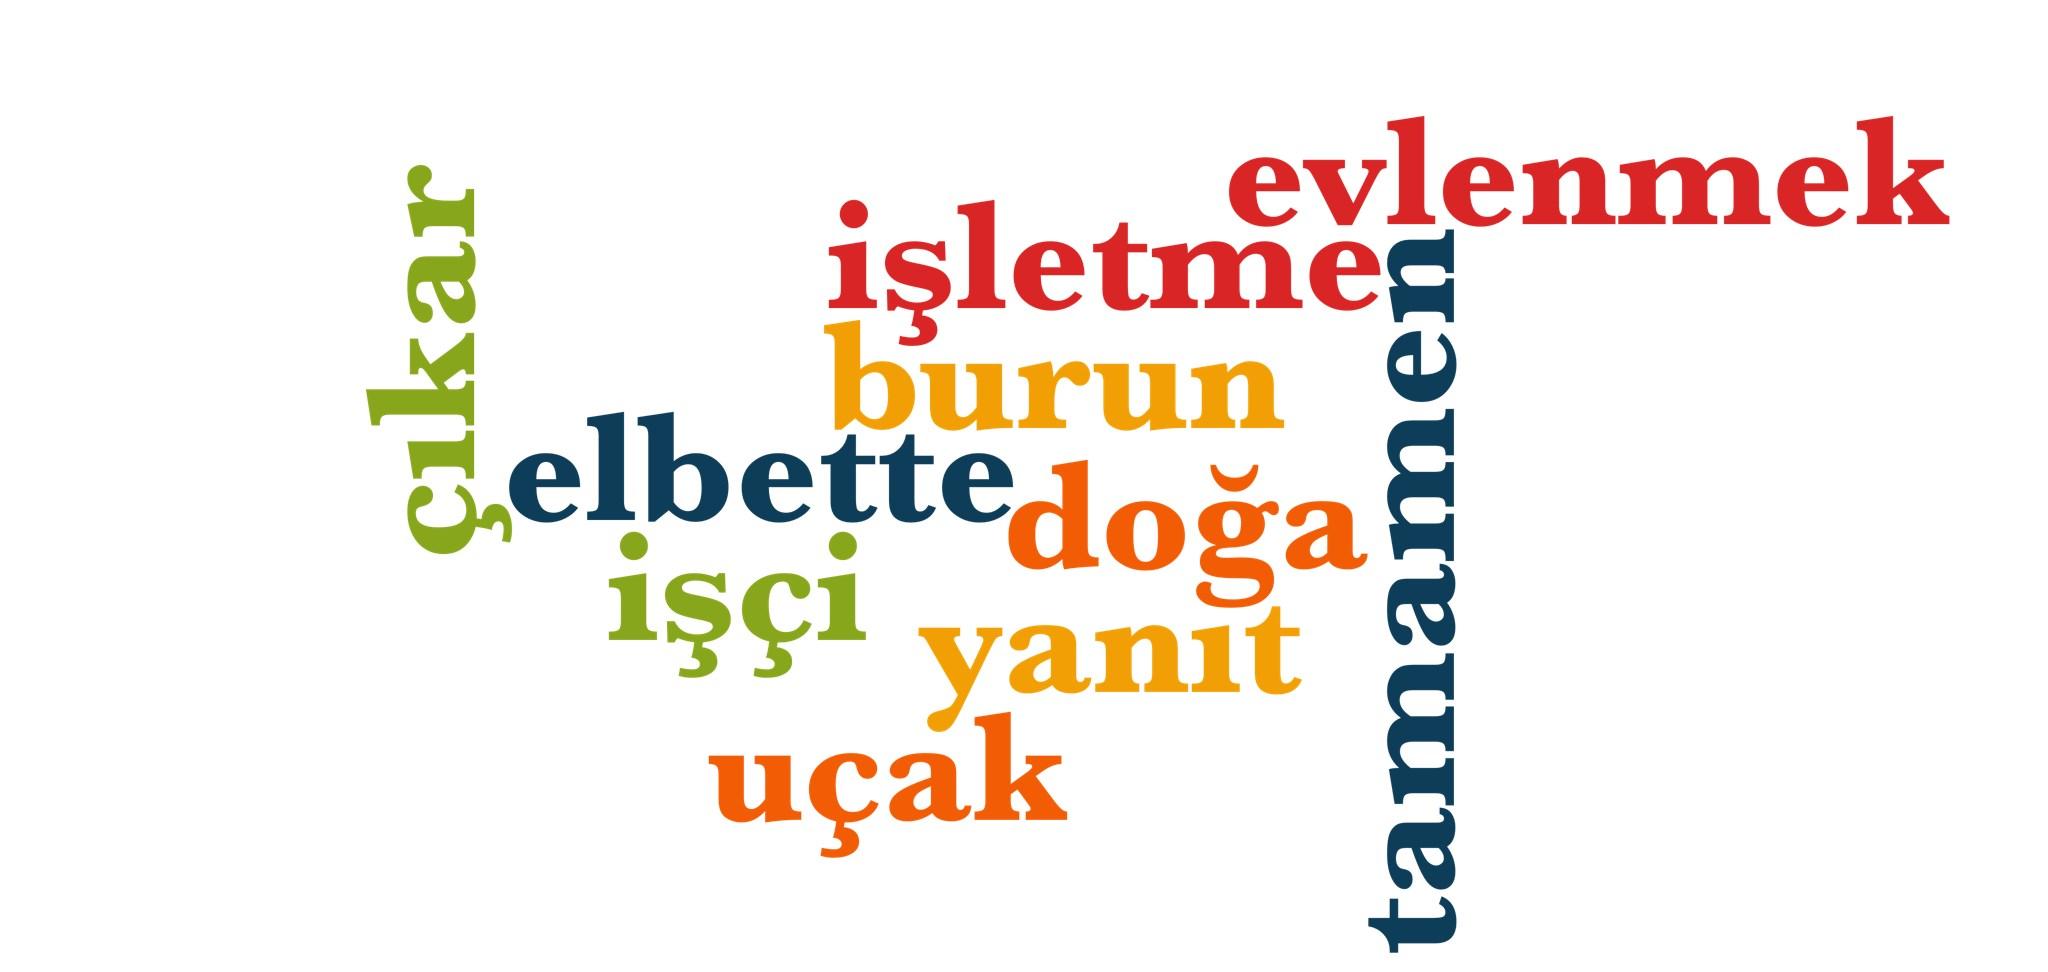 Wörter 841 bis 850 der 1000 häufigsten Wörter der türkischen Sprache